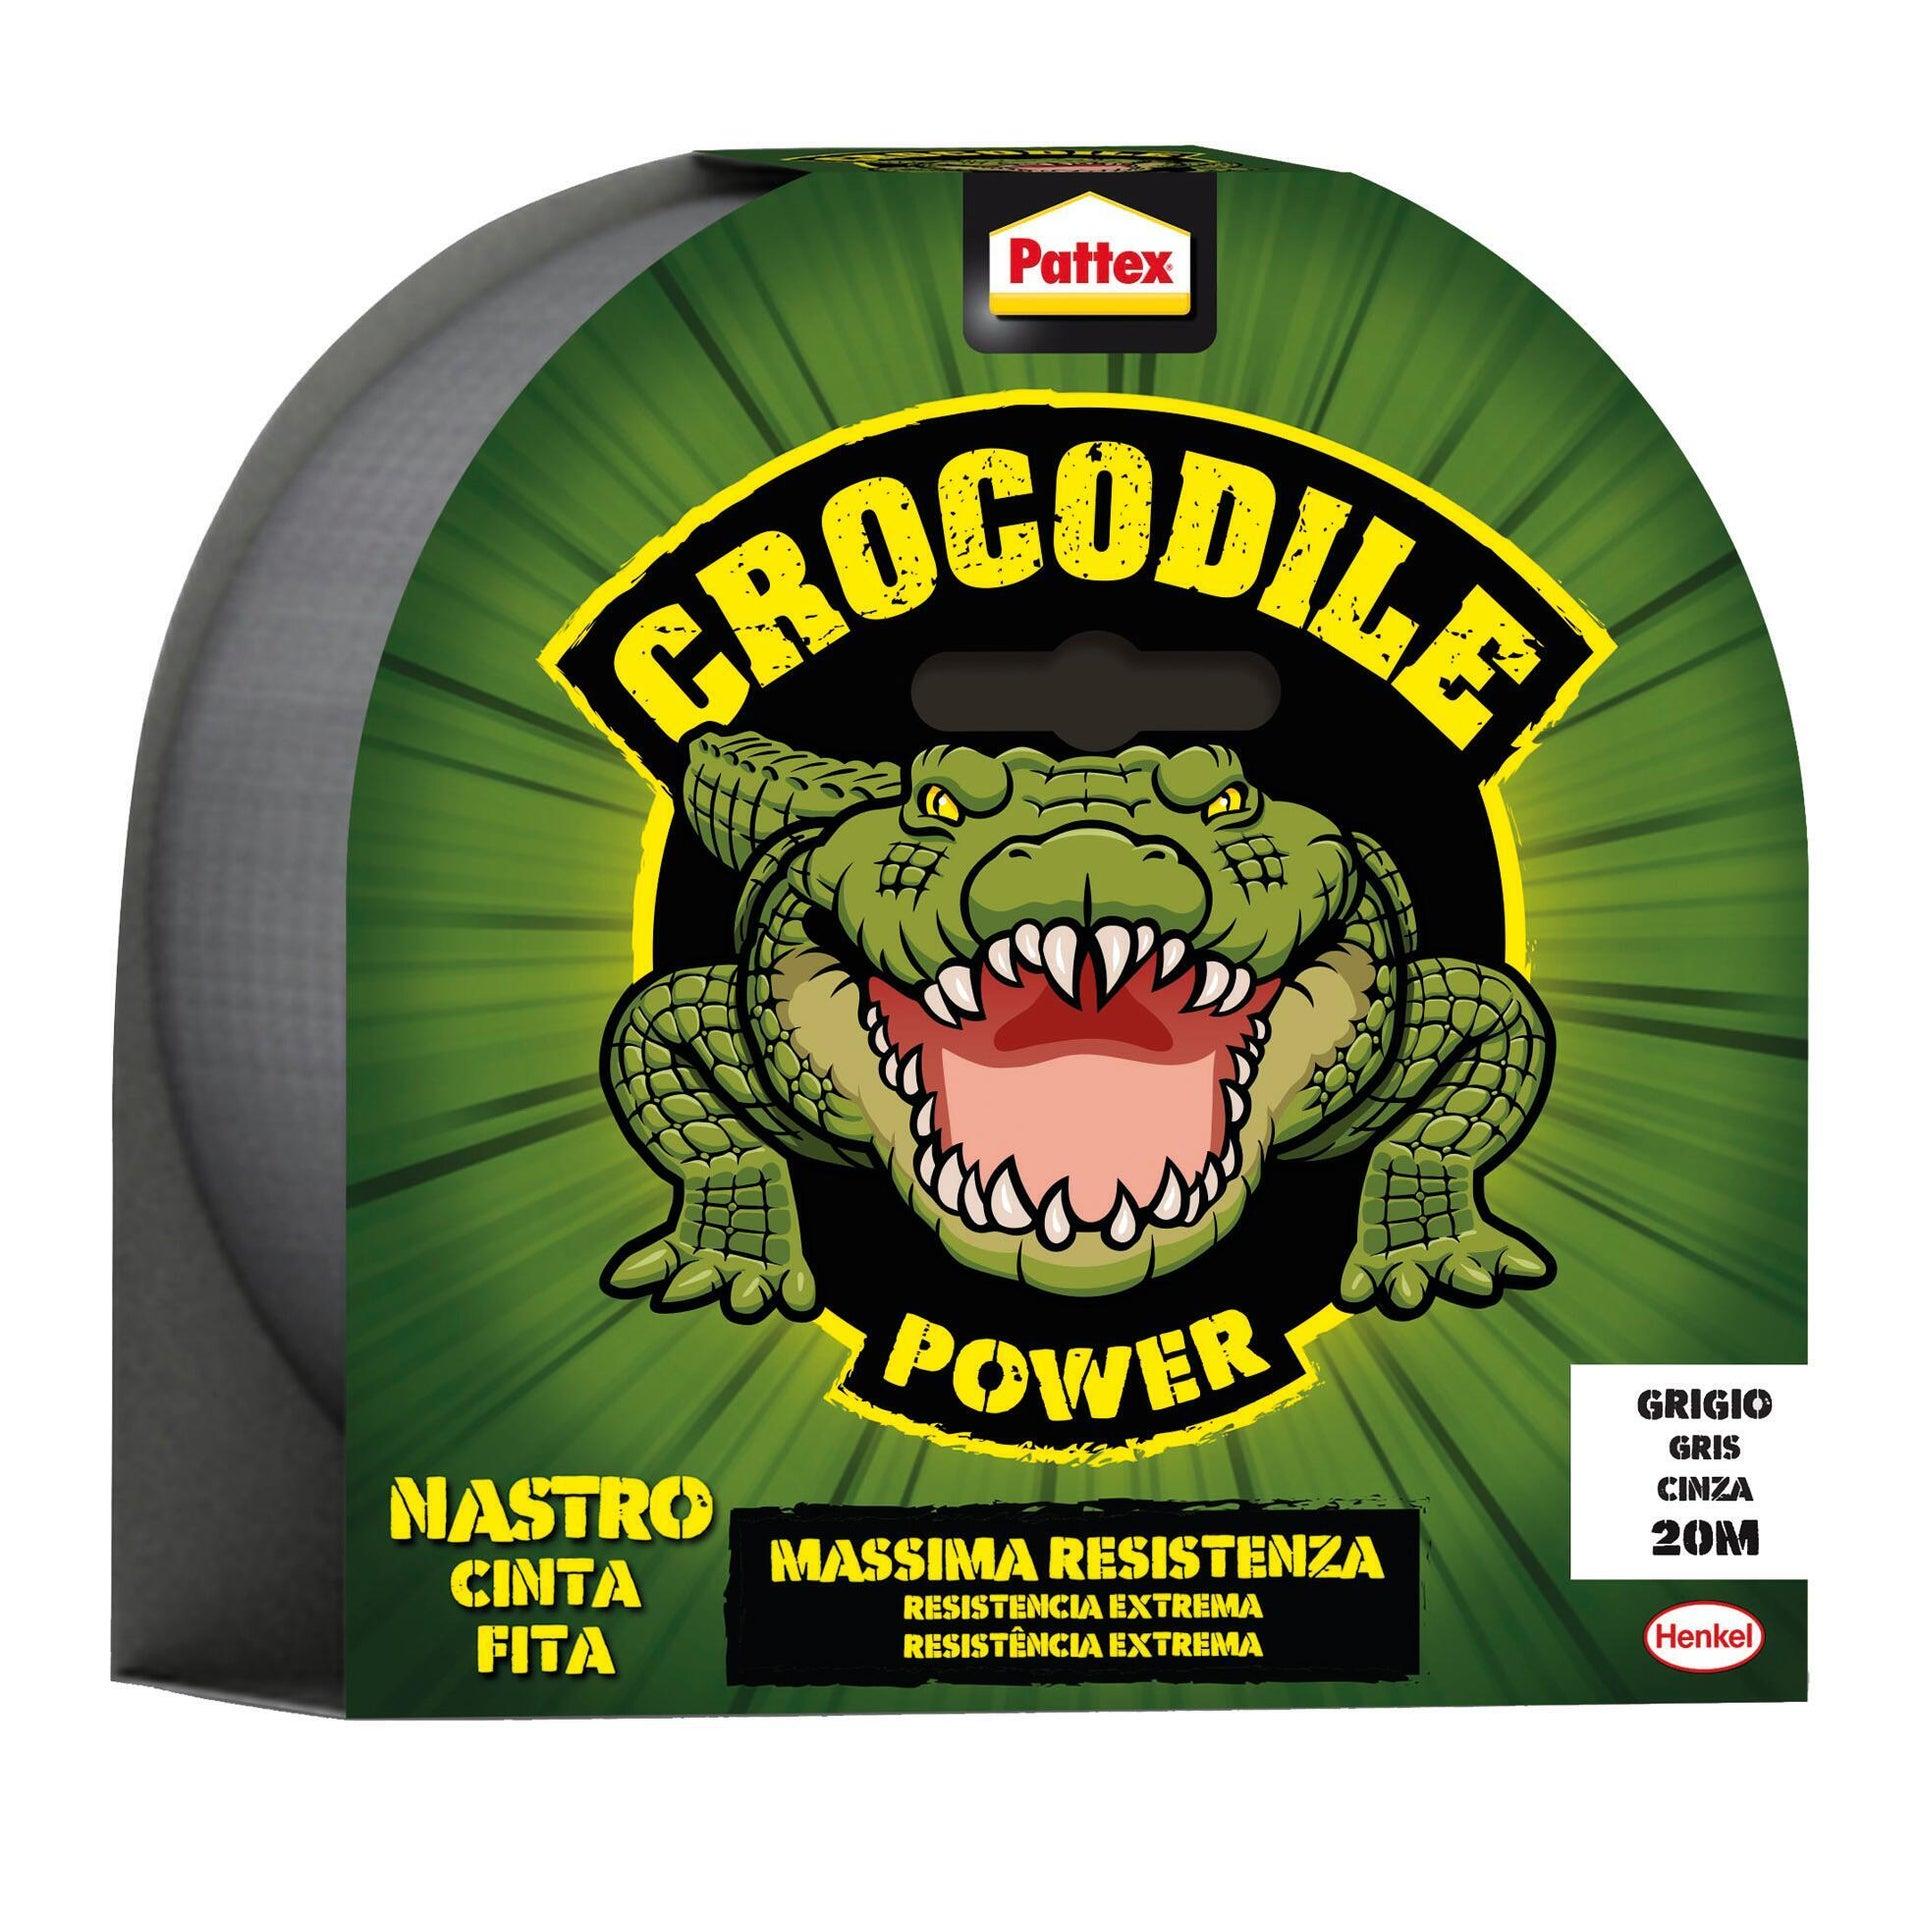 Nastro adesivo PATTEX PATTEX Crocodile Tape Grigio 20m 48 mm x 20 m grigio e argento - 1